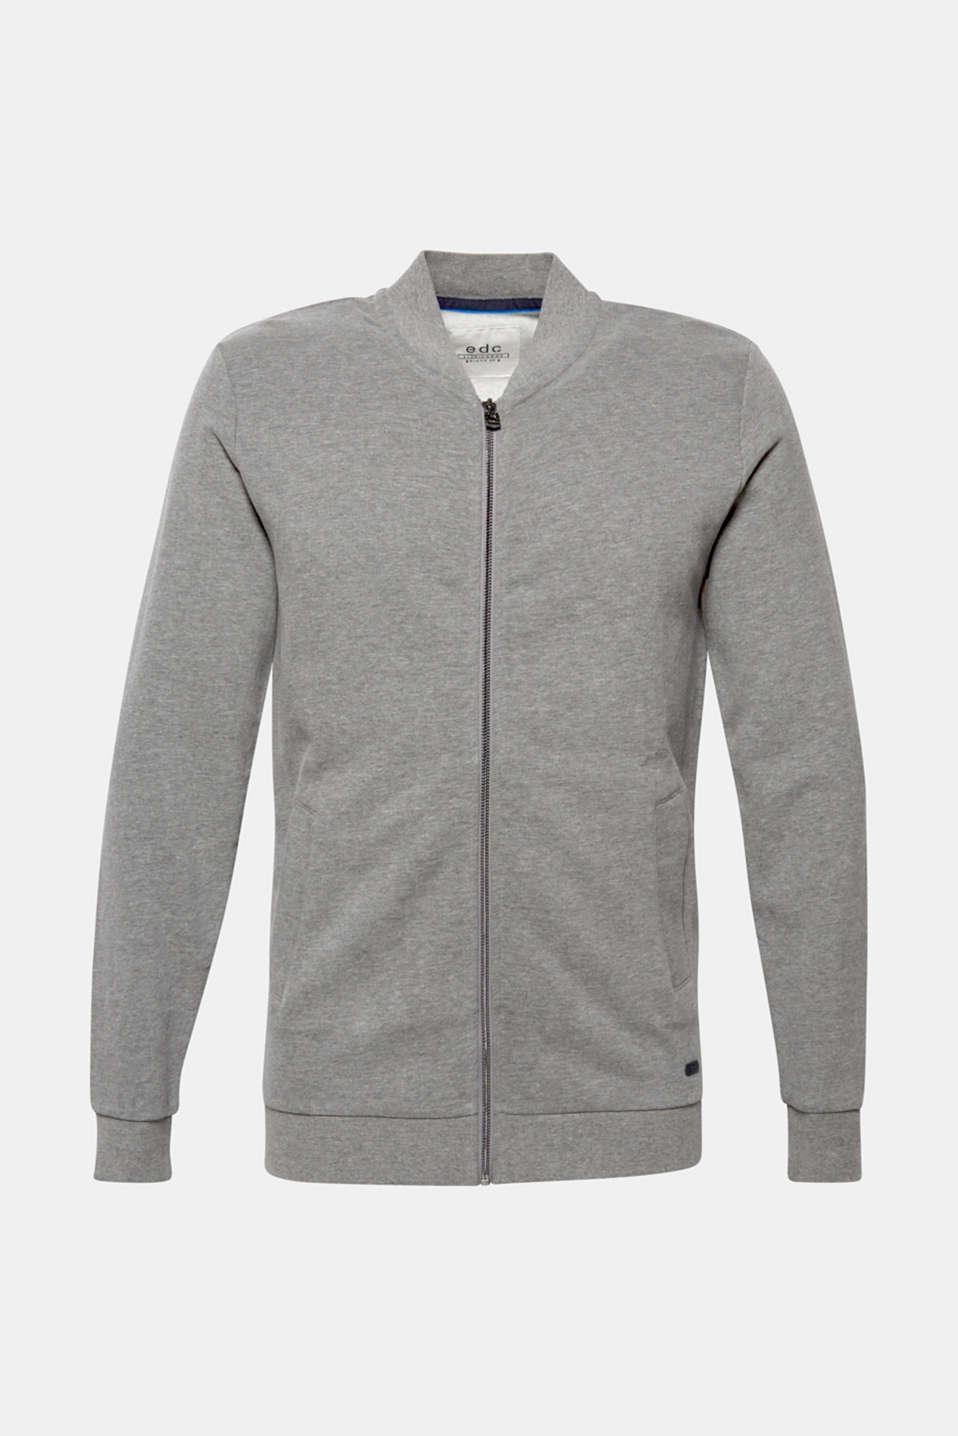 Cotton blend sweatshirt cardigan, MEDIUM GREY, detail image number 6